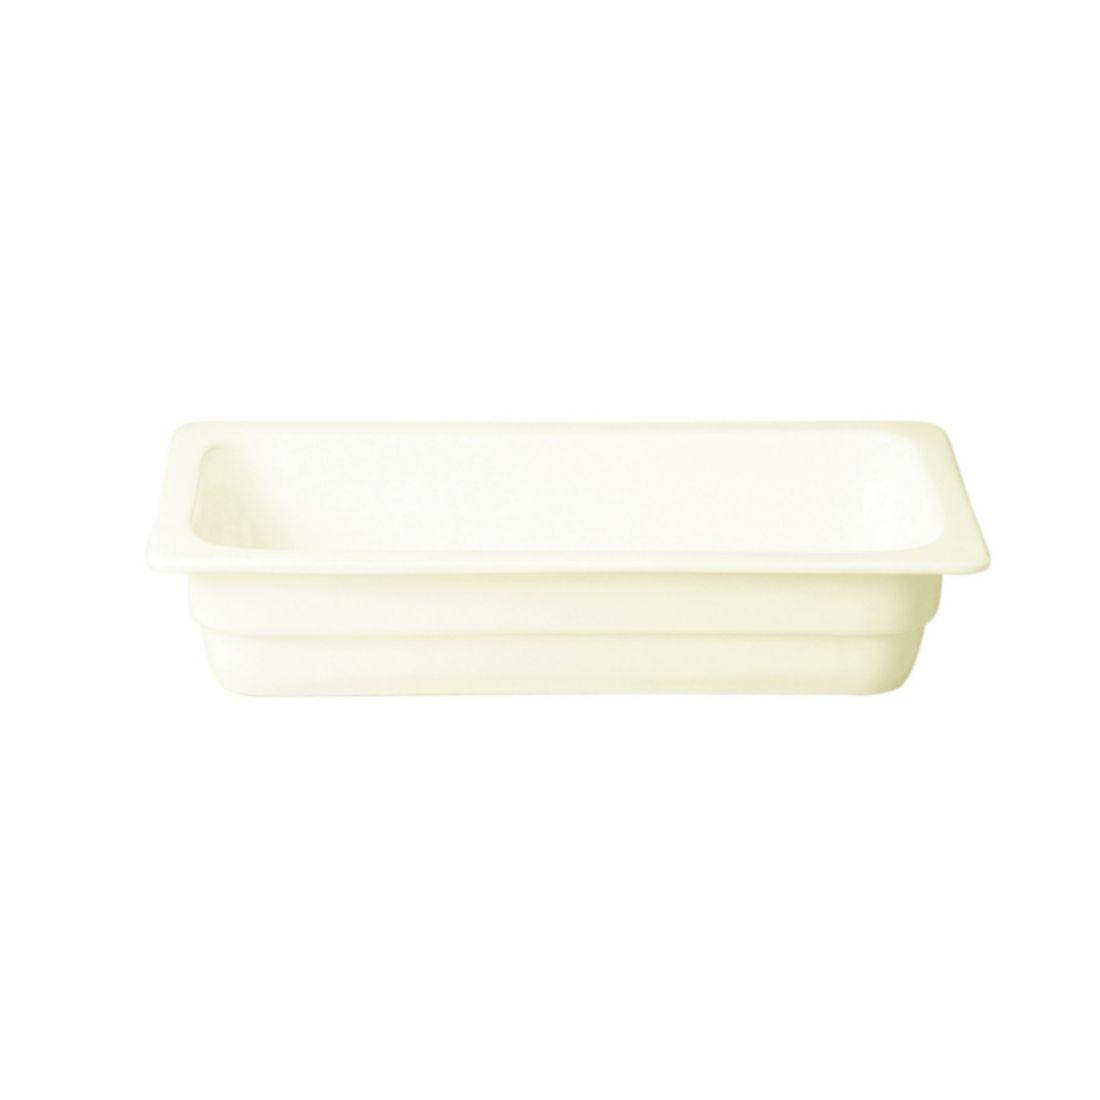 Gastronádoba GN 2/3 065 mm